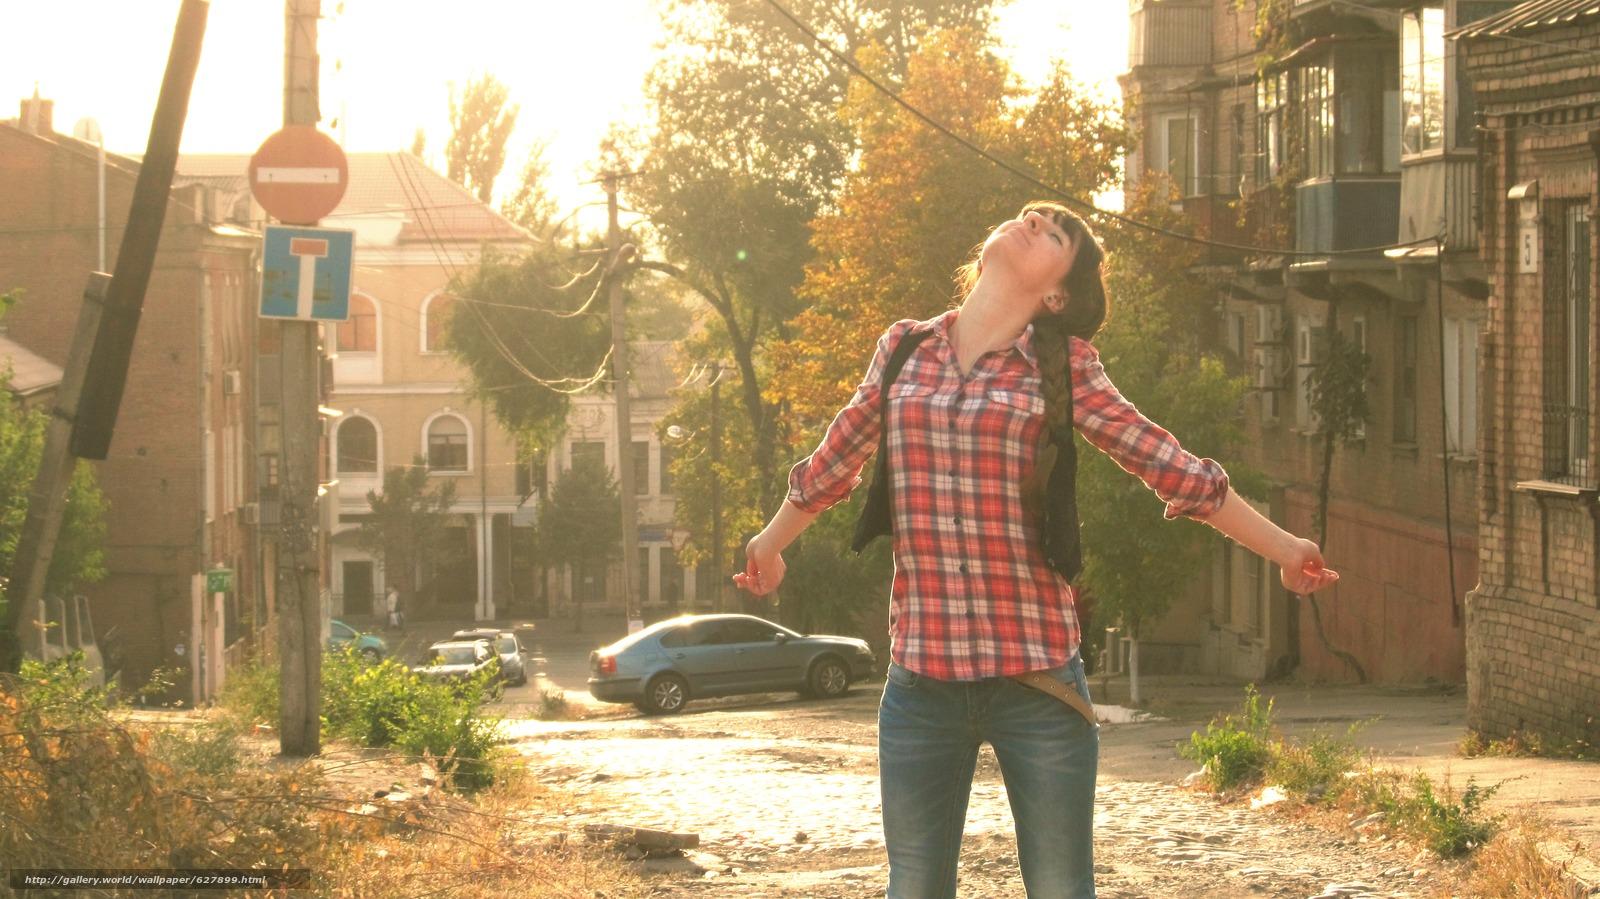 Скачать на телефон обои фото картинку на тему Девушка, Солнце, Осень, разширение 3744x2104